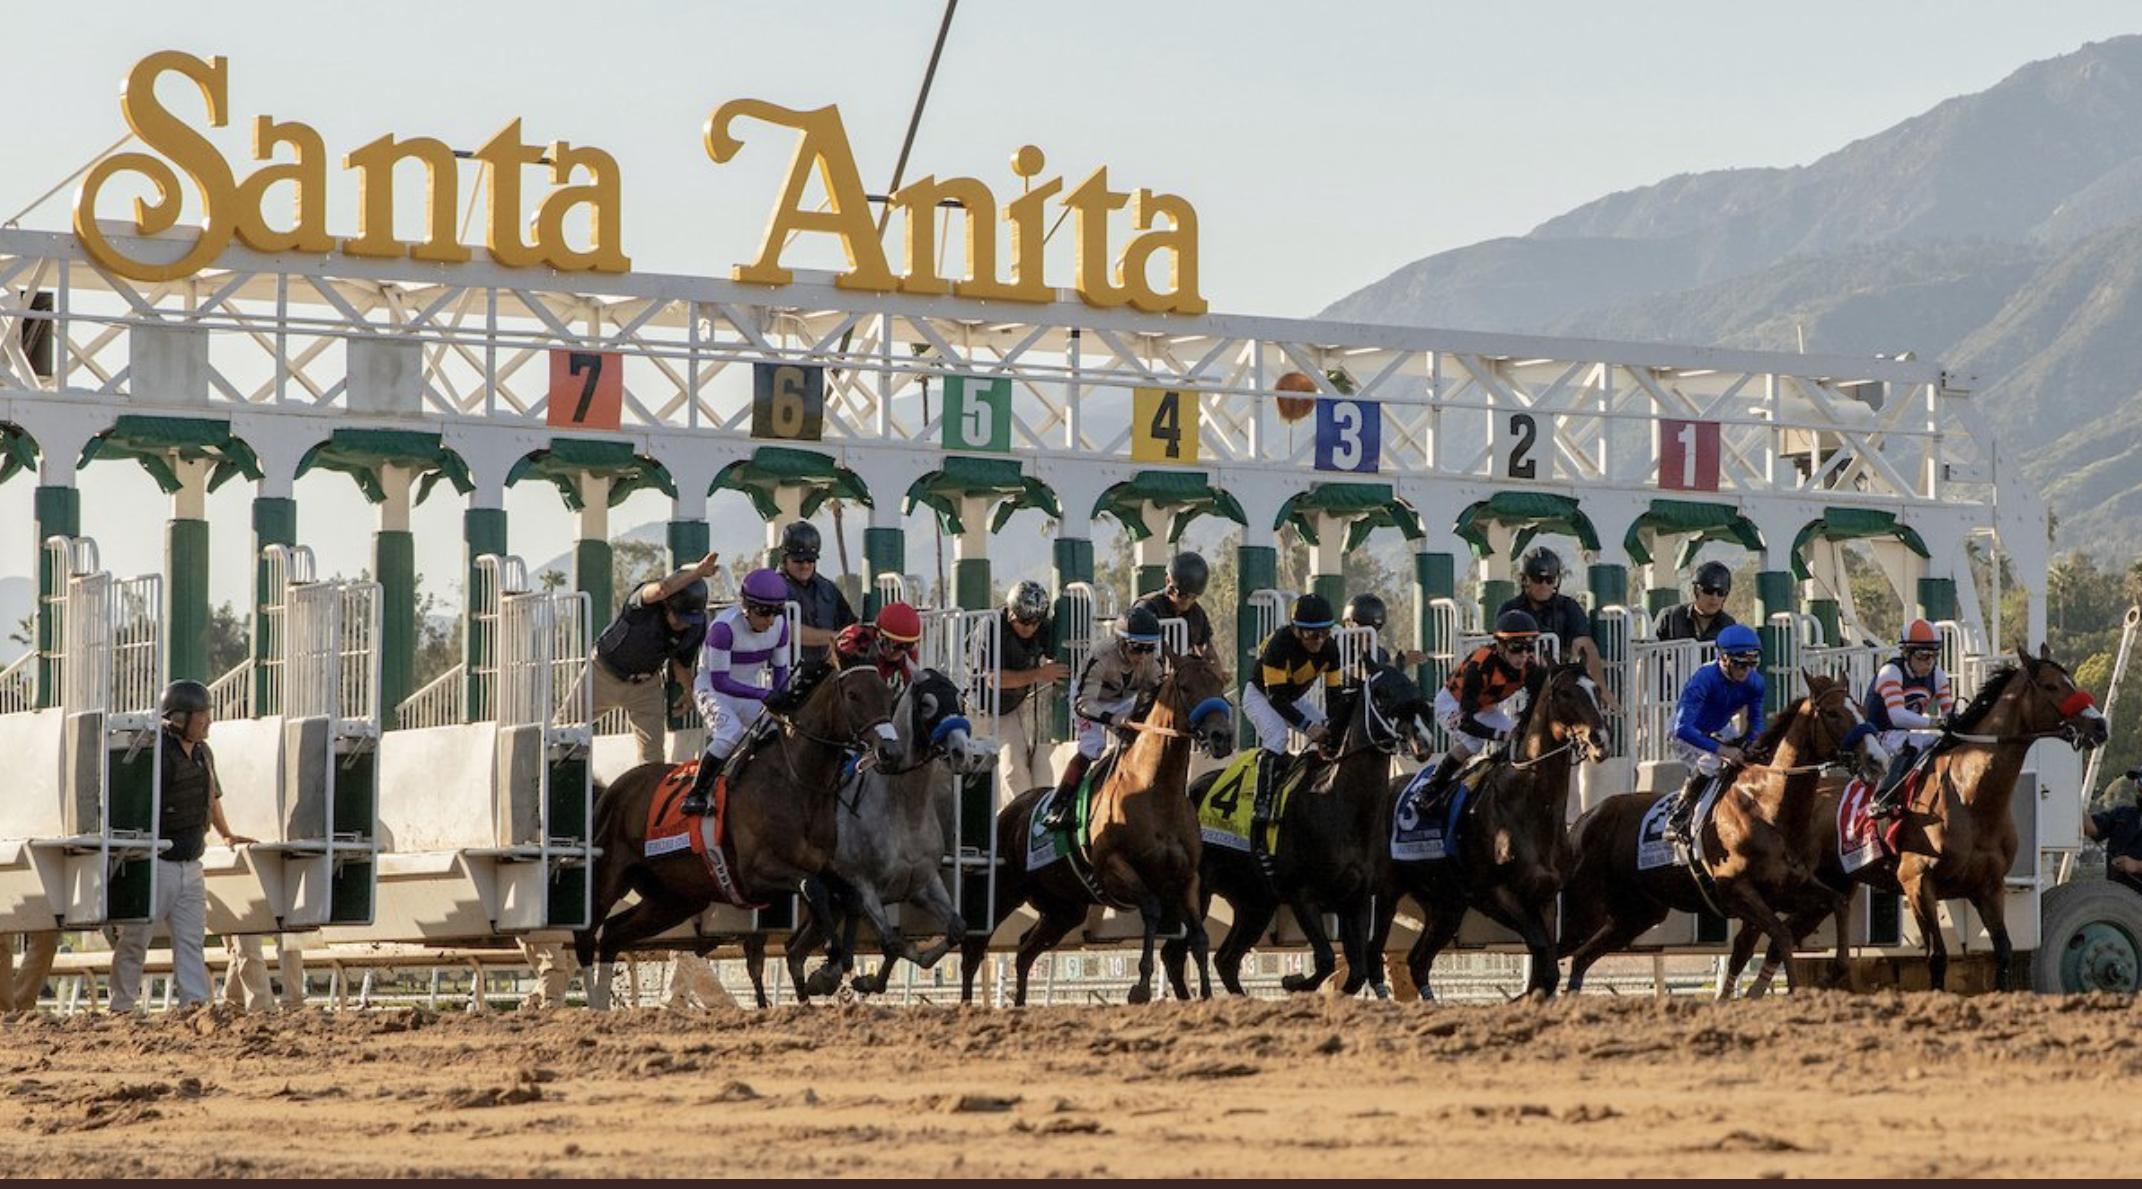 Santa Anita 2019 Analysis Past The Wire